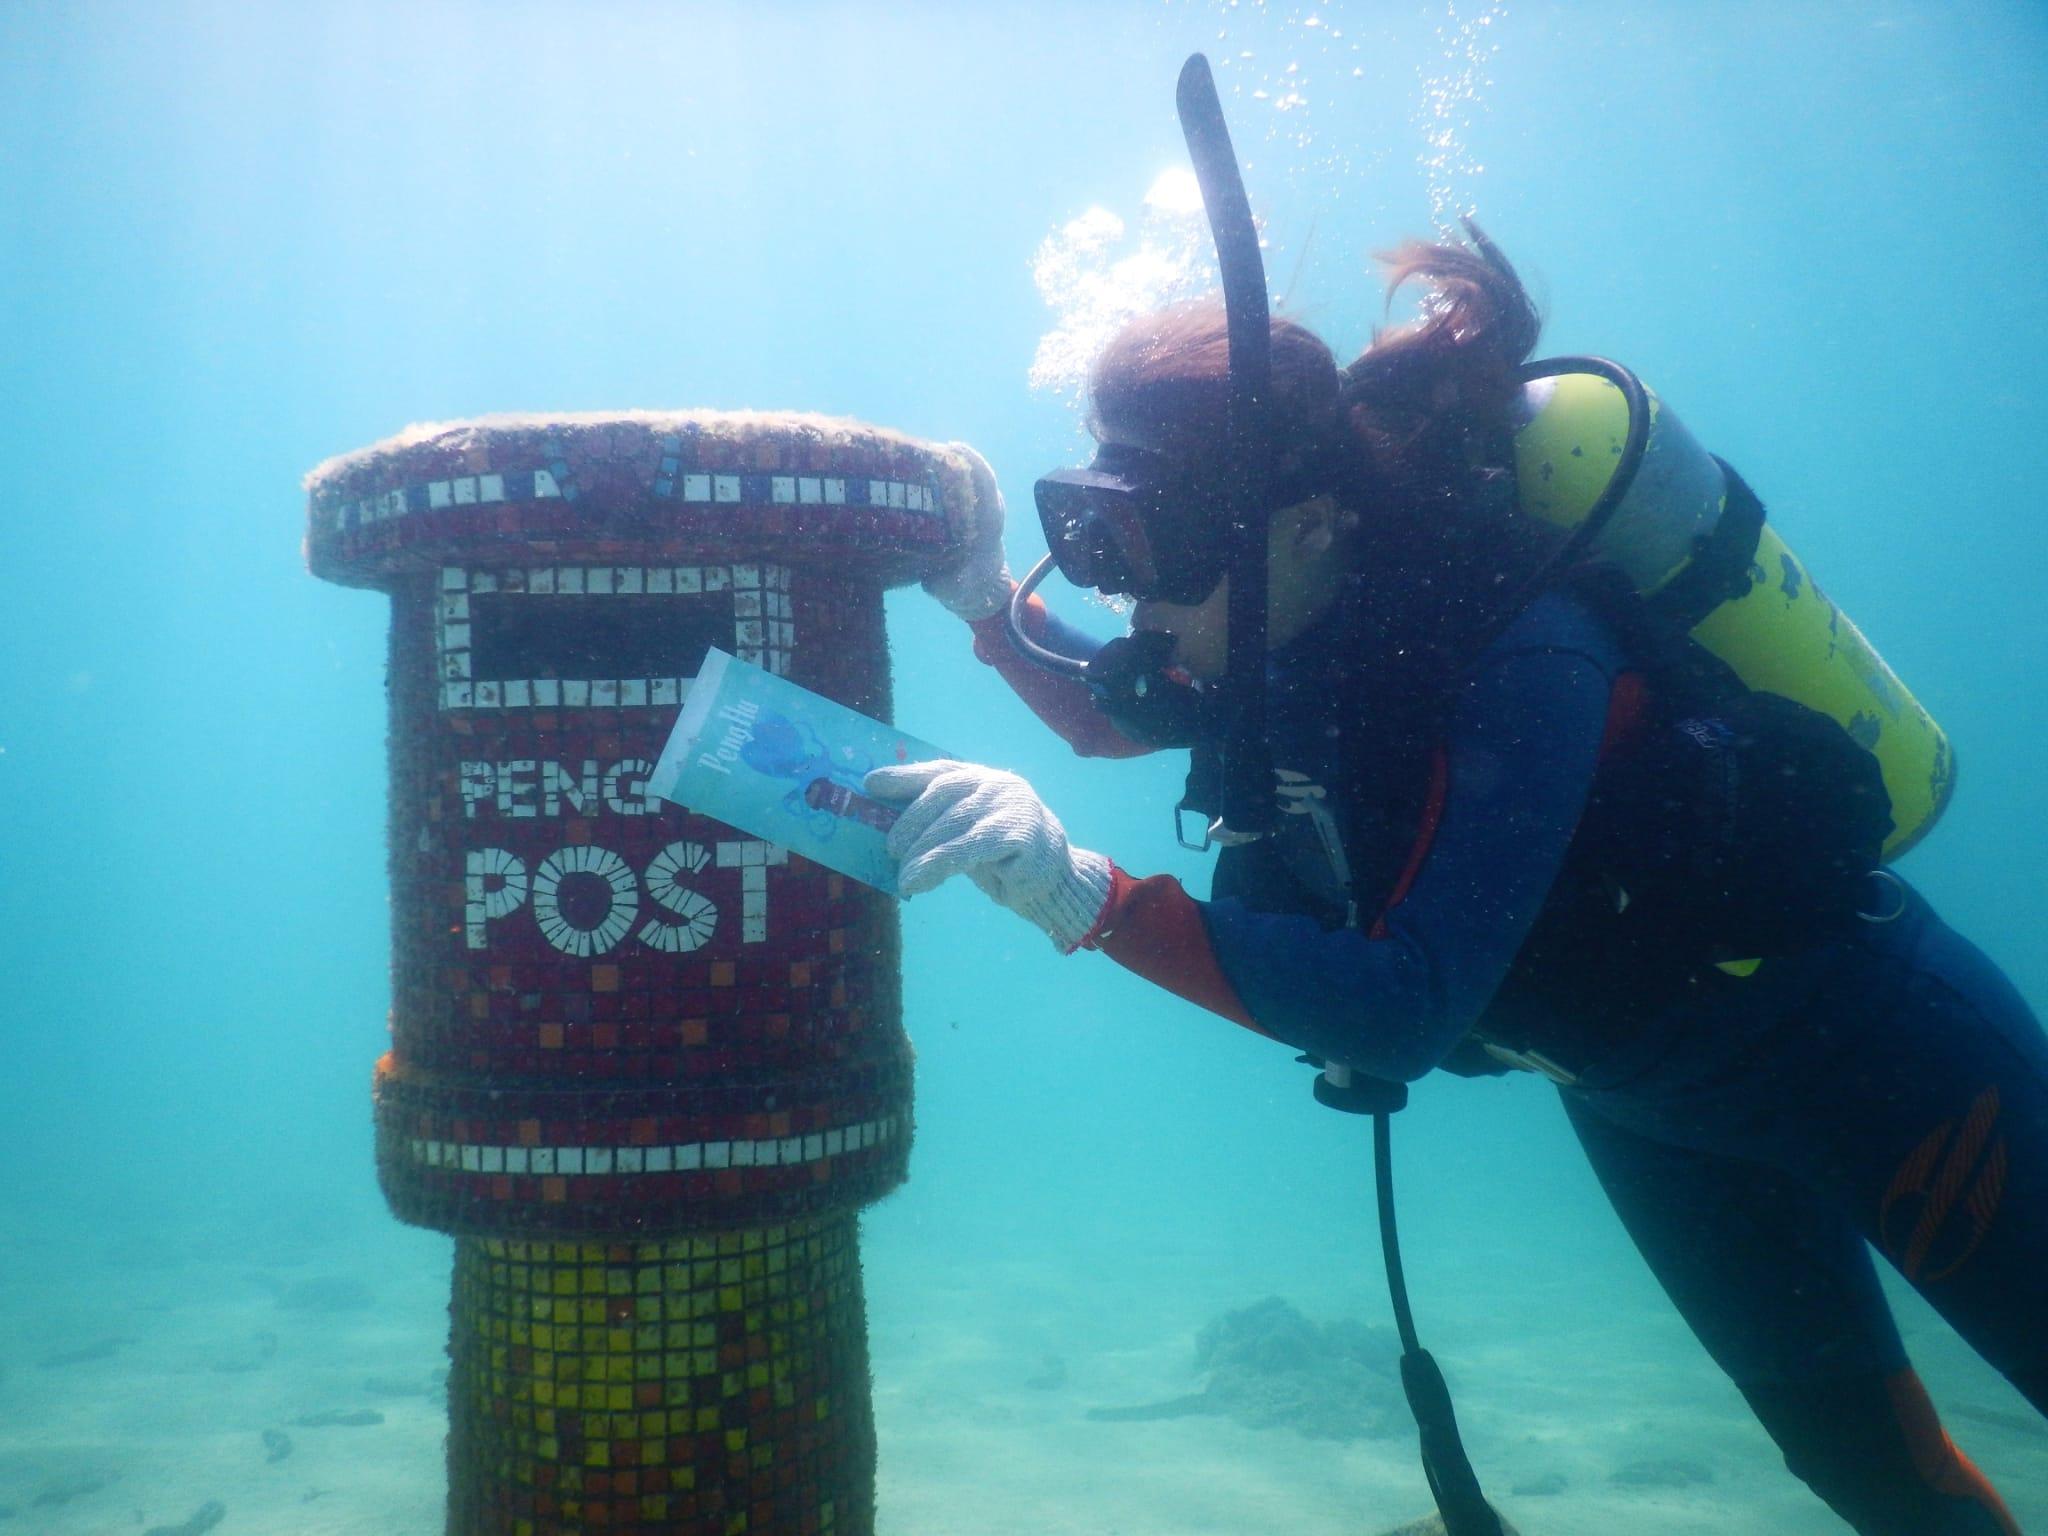 來澎湖獨享海洋四種玩法,記得去「海底郵筒」寄張明信片給自己!